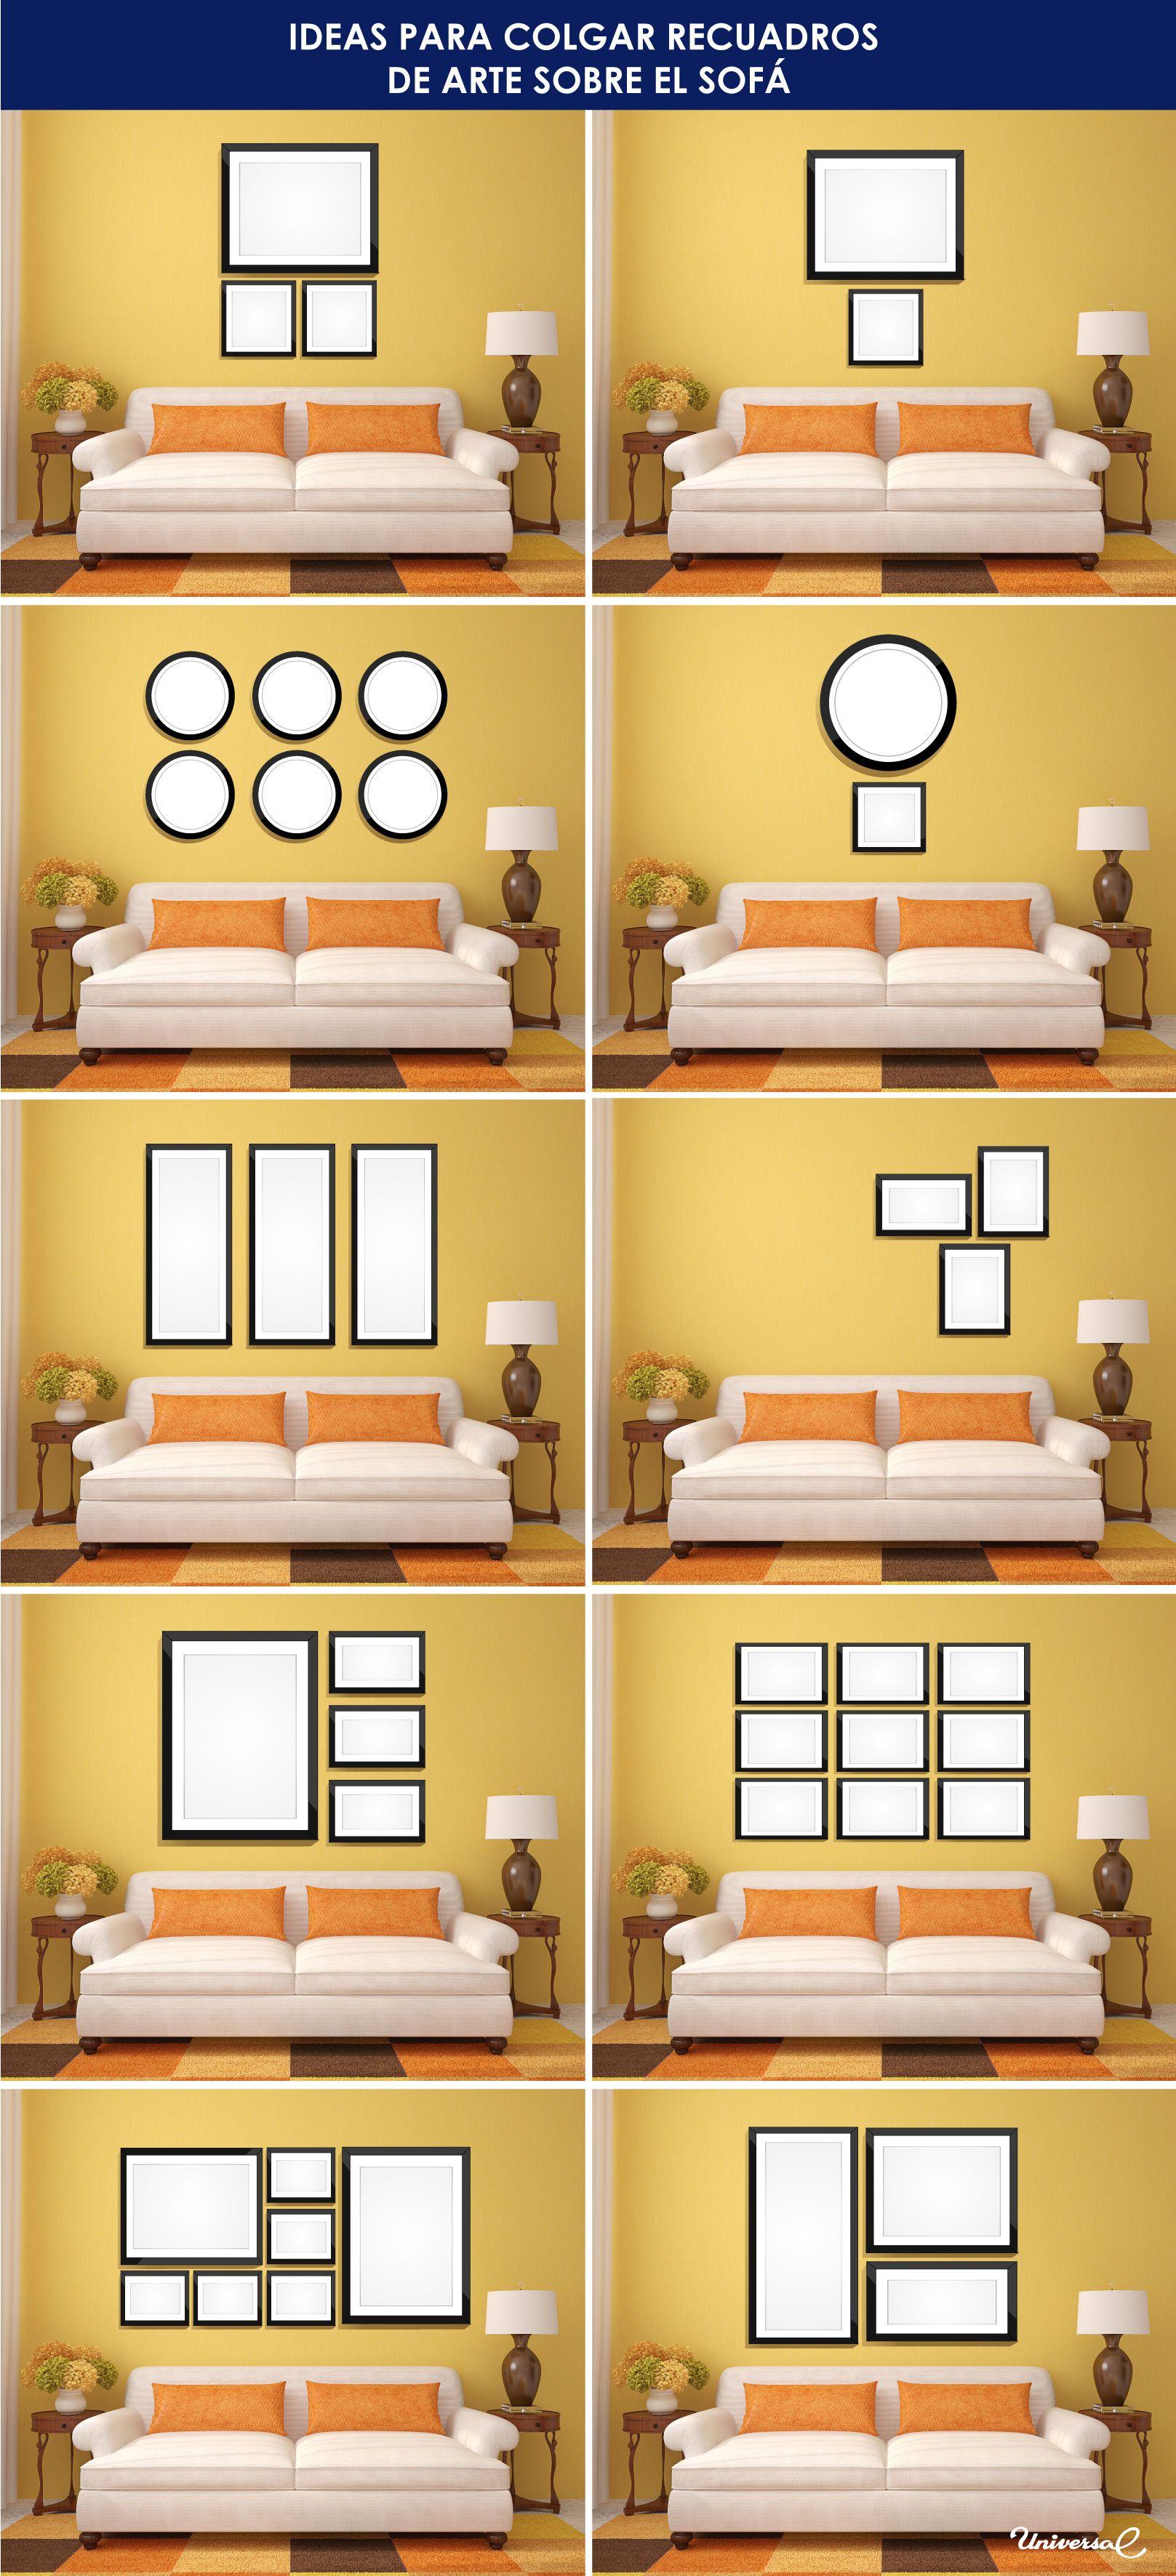 Se han preguntado sobre cómo combinar y colocar los cuadros de arte ...